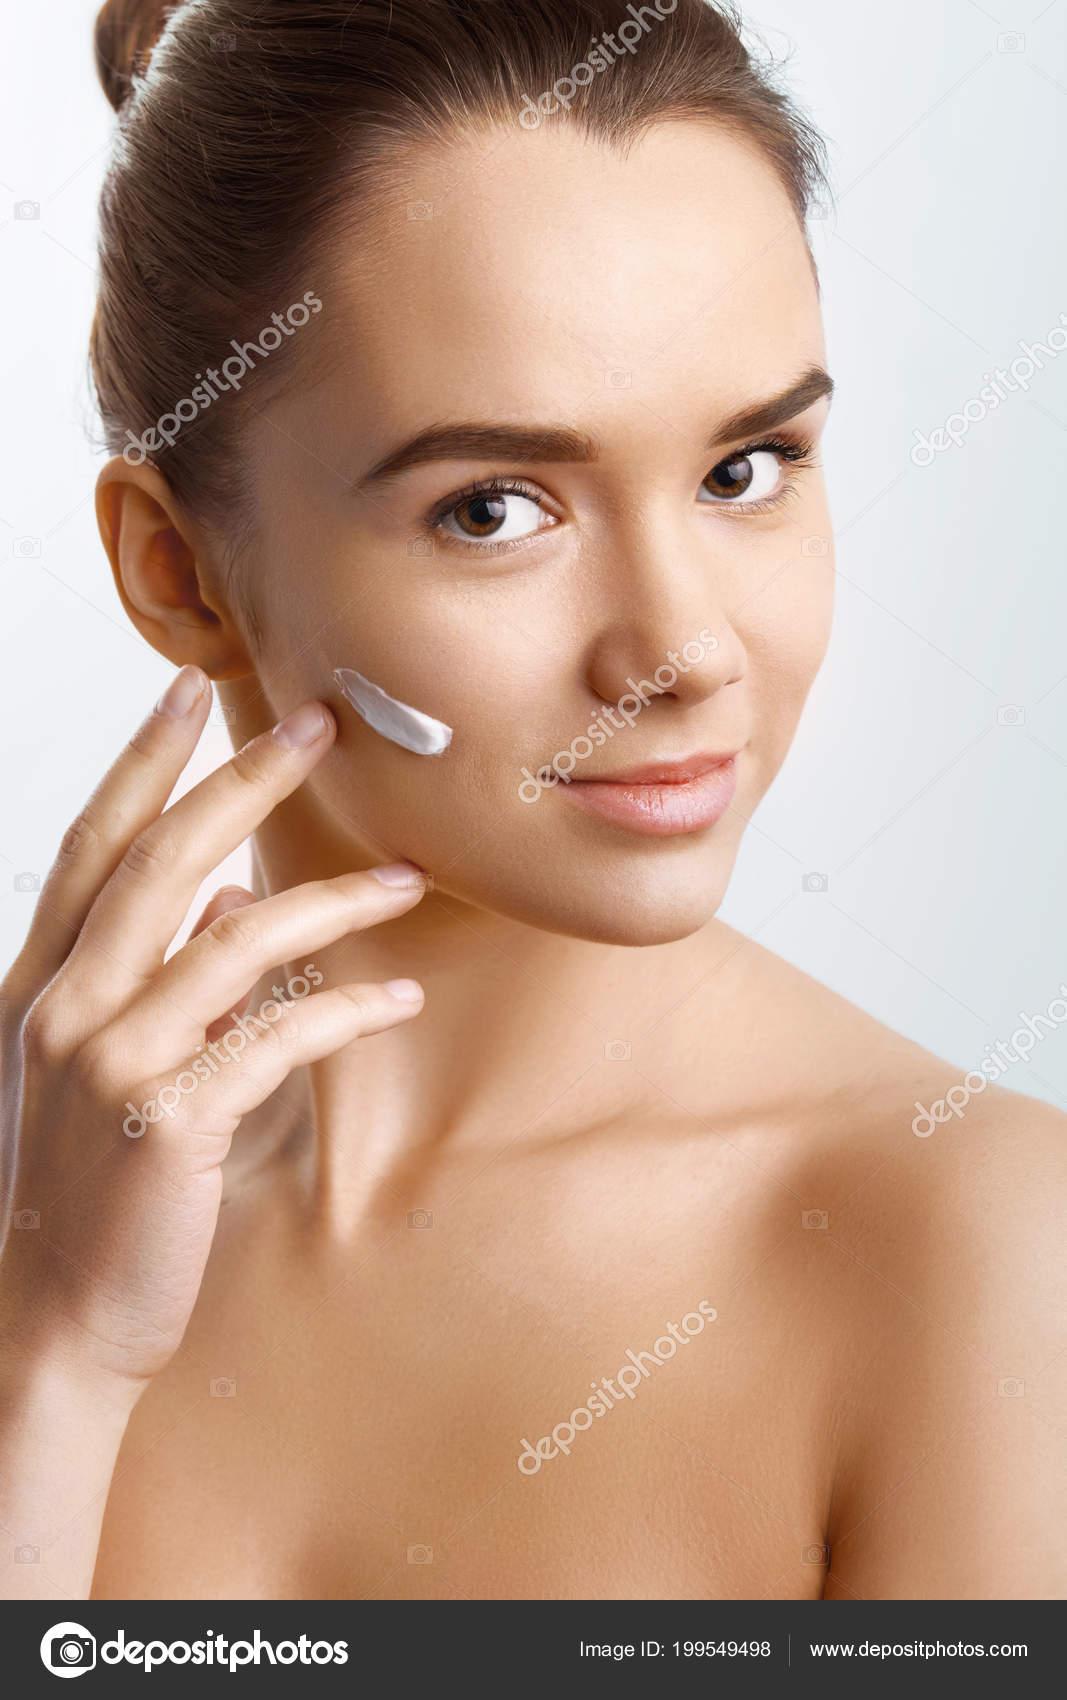 soft beauty skin care